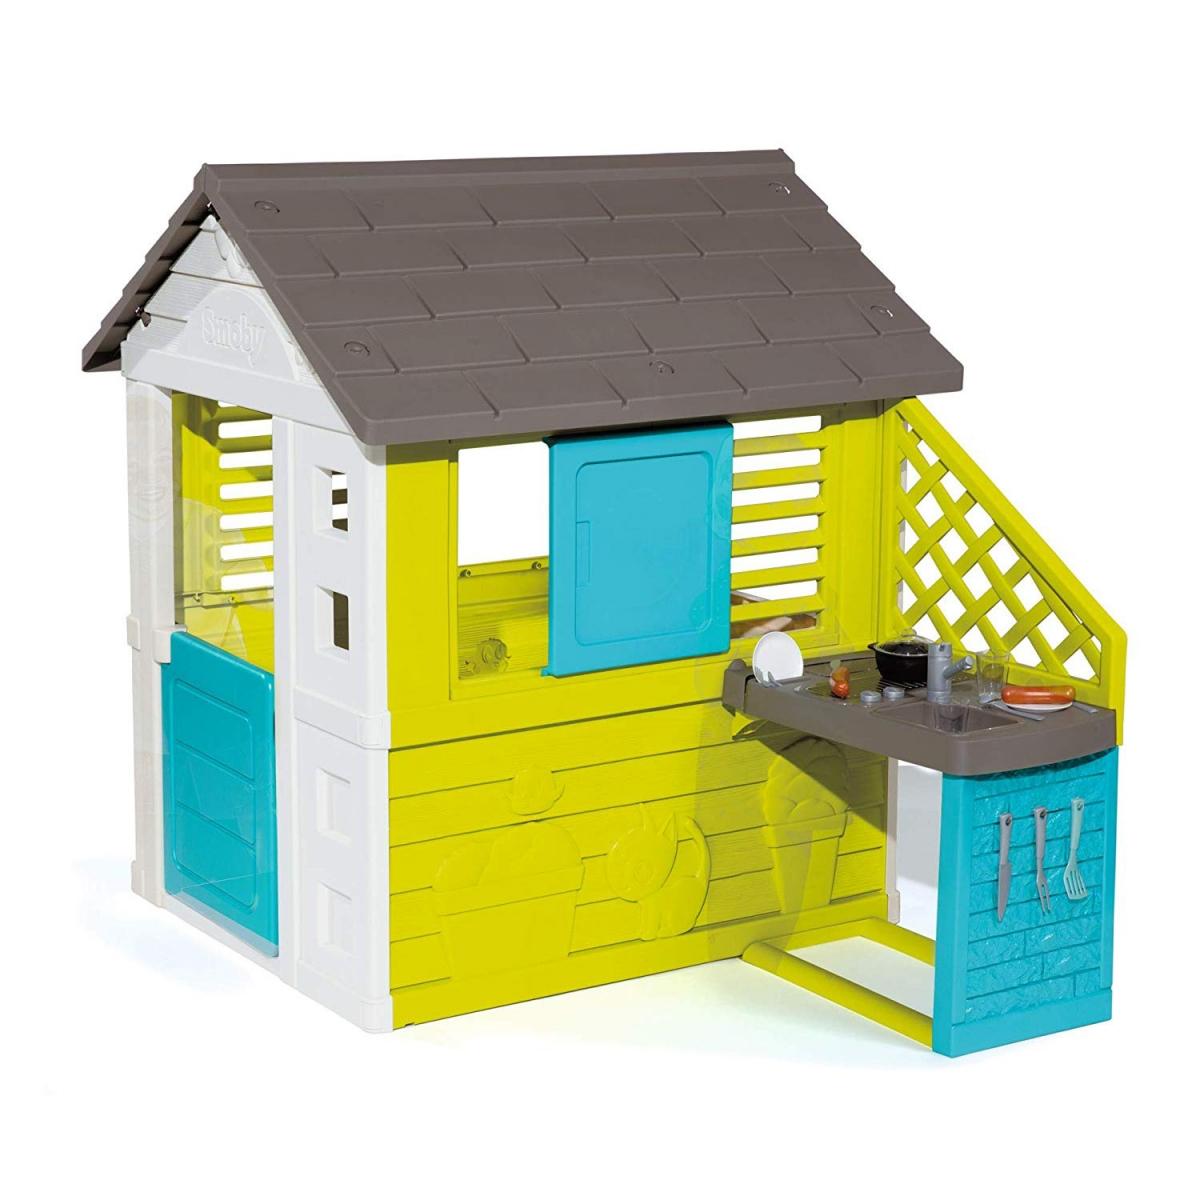 Купить Игровой домик с кухней, синий, 145 х 110 х 127 см, Smoby